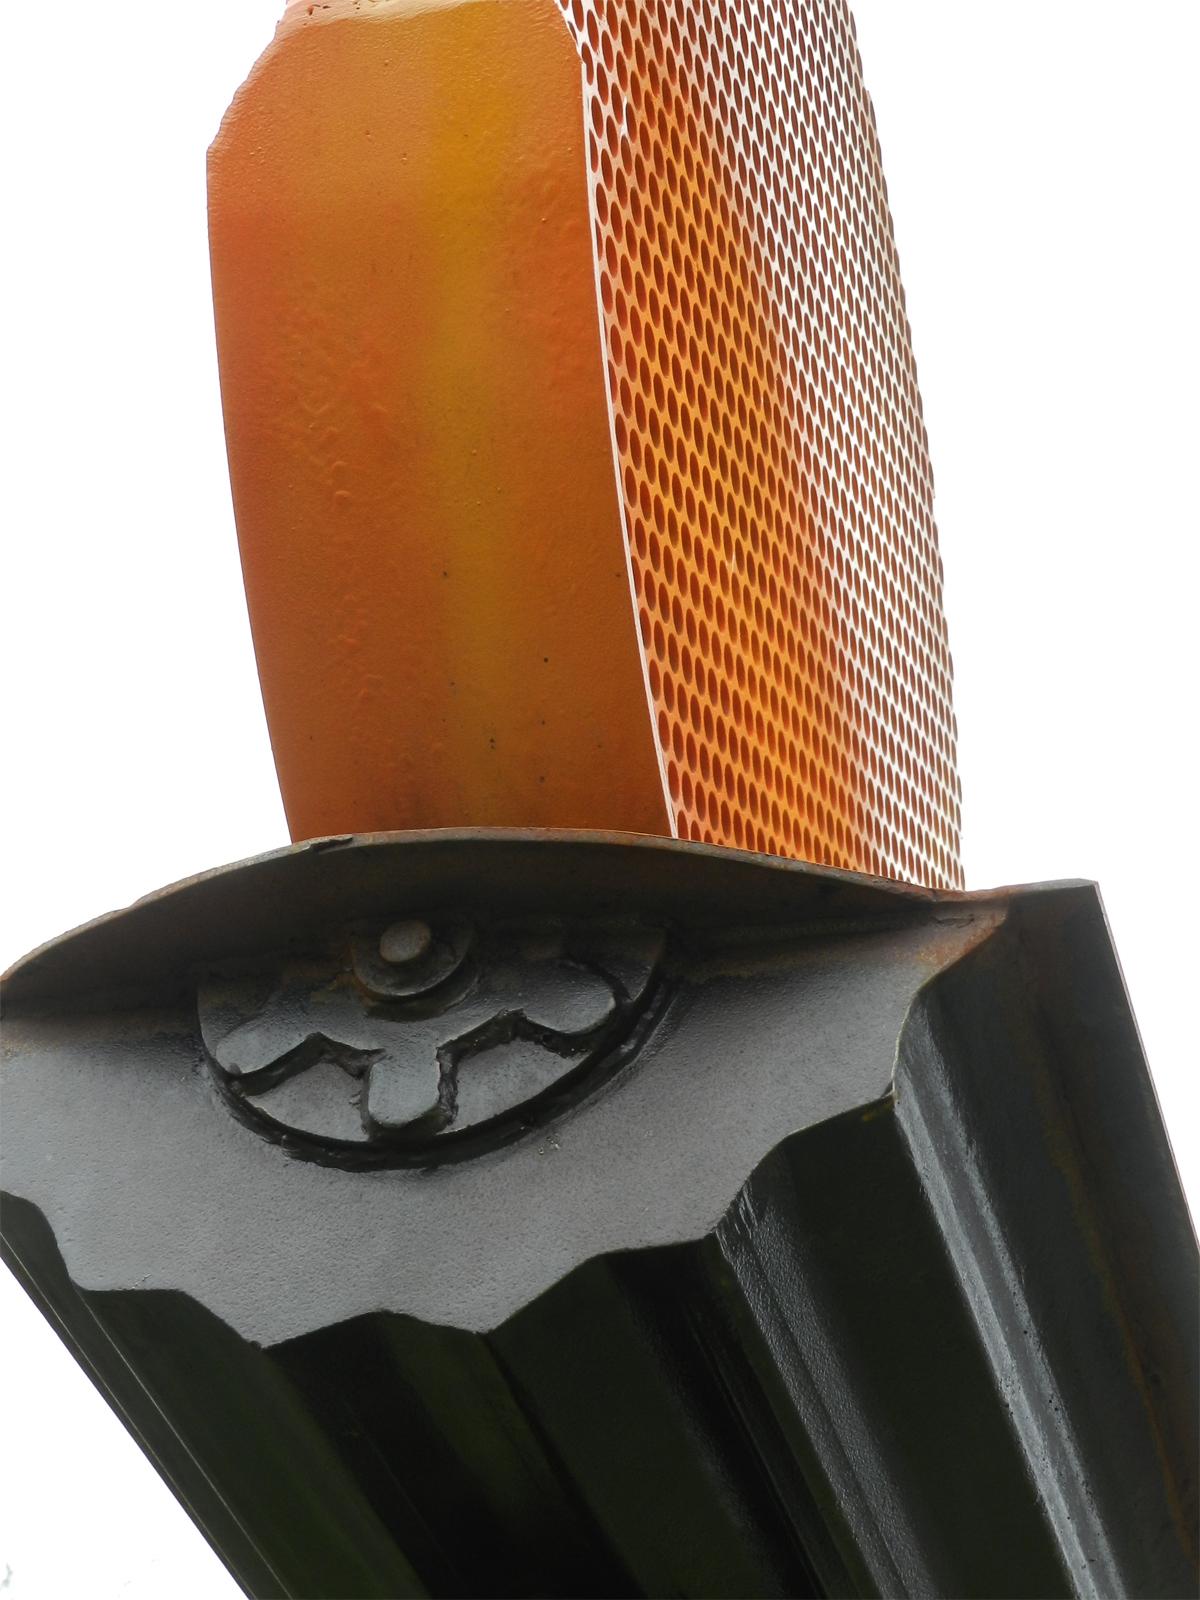 Suncatcher detail 03.jpg